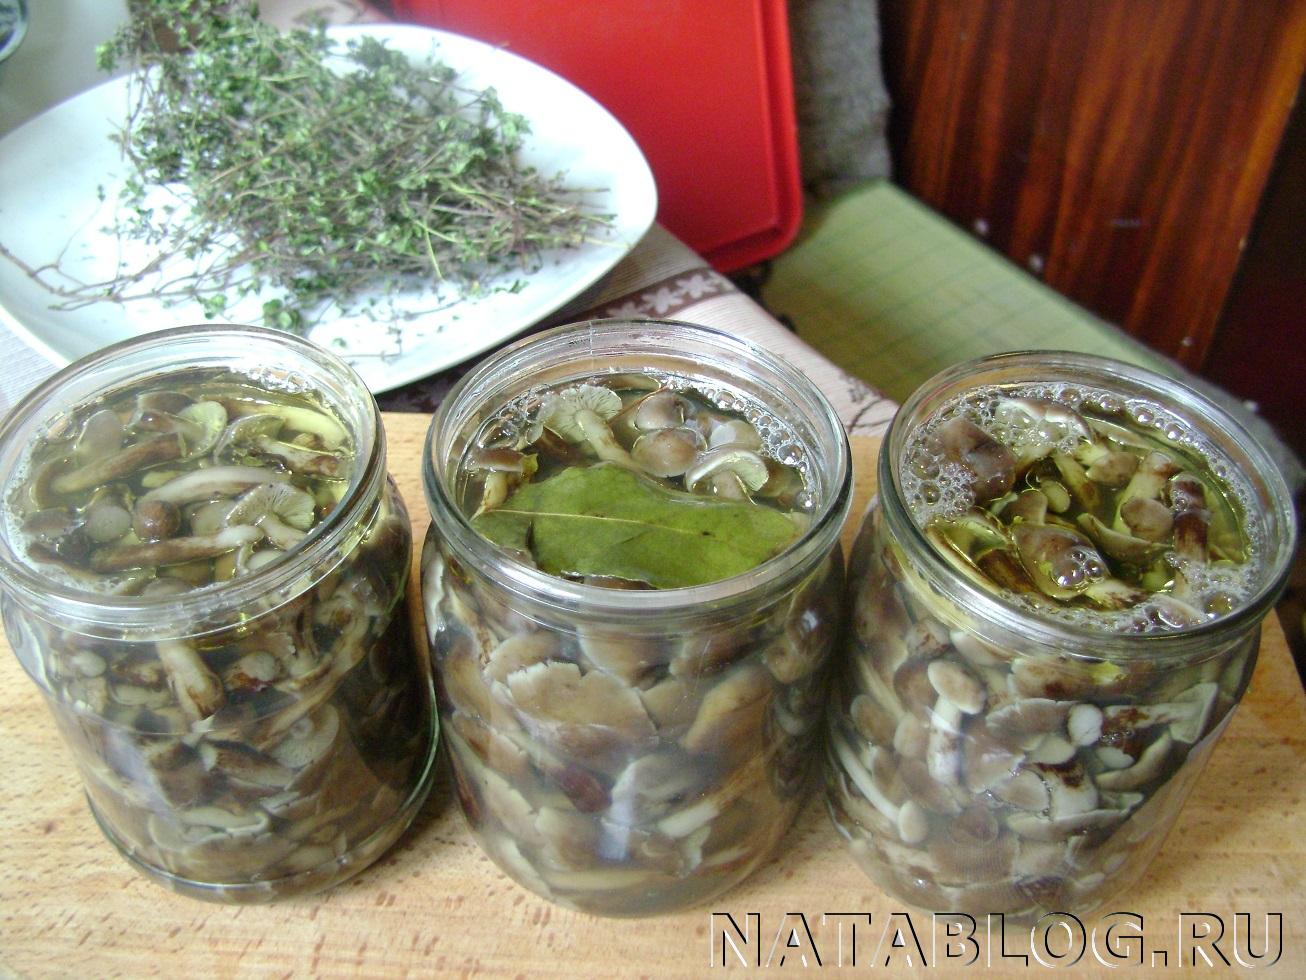 Соление опят в домашних условиях рецепты